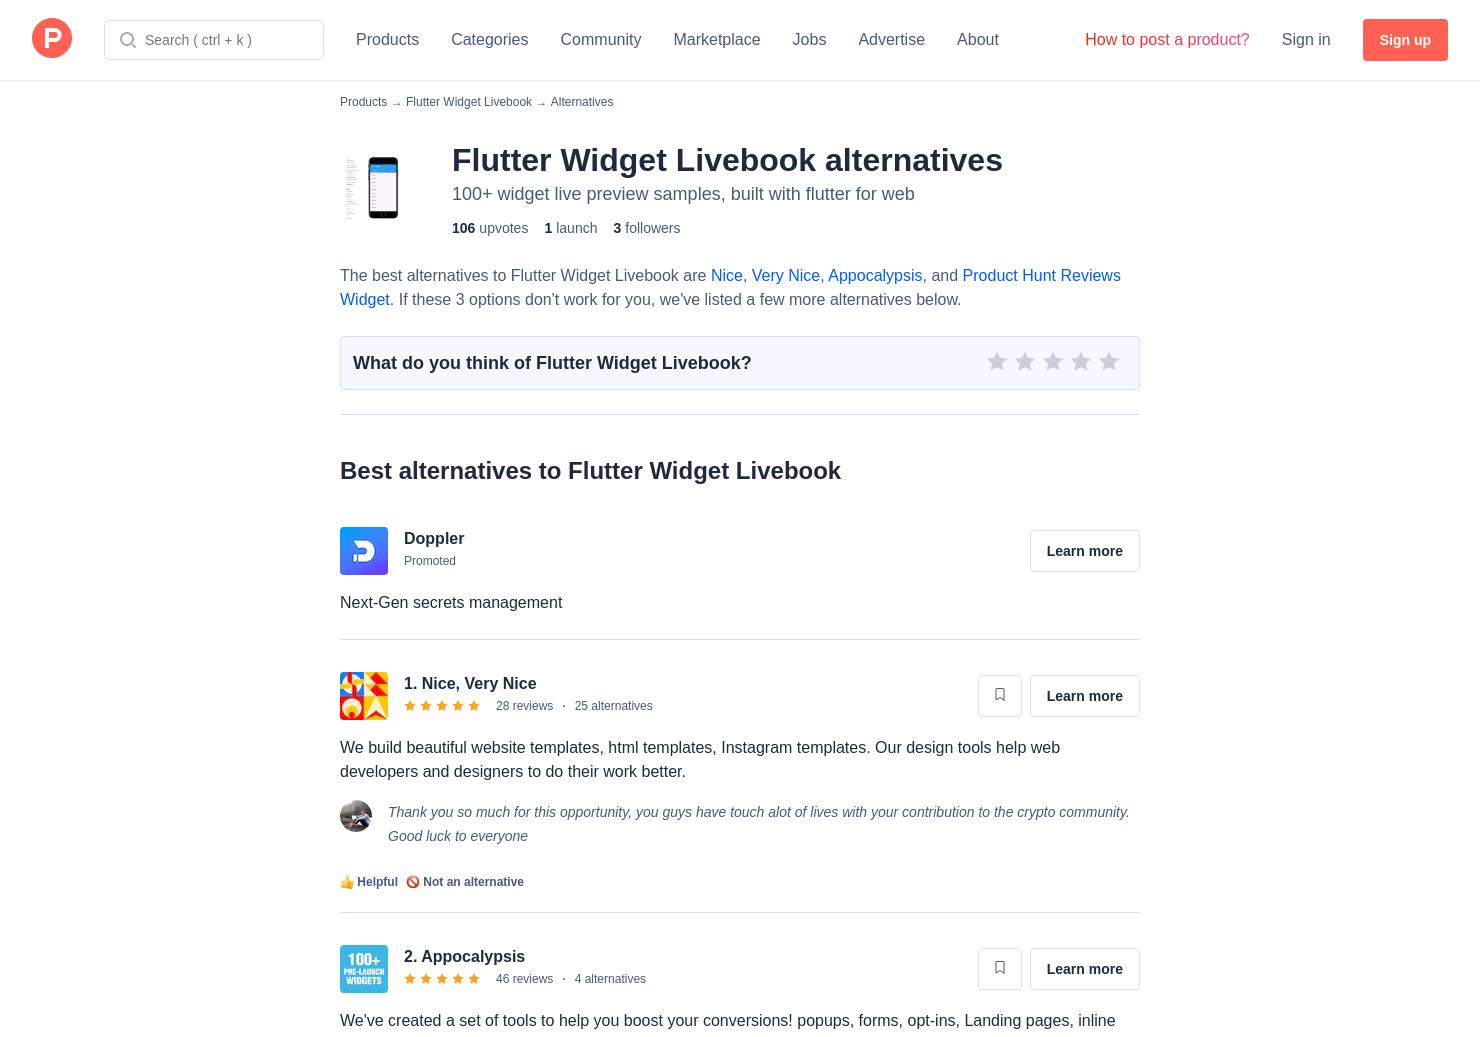 5 Alternatives to Flutter Widget Livebook | Product Hunt